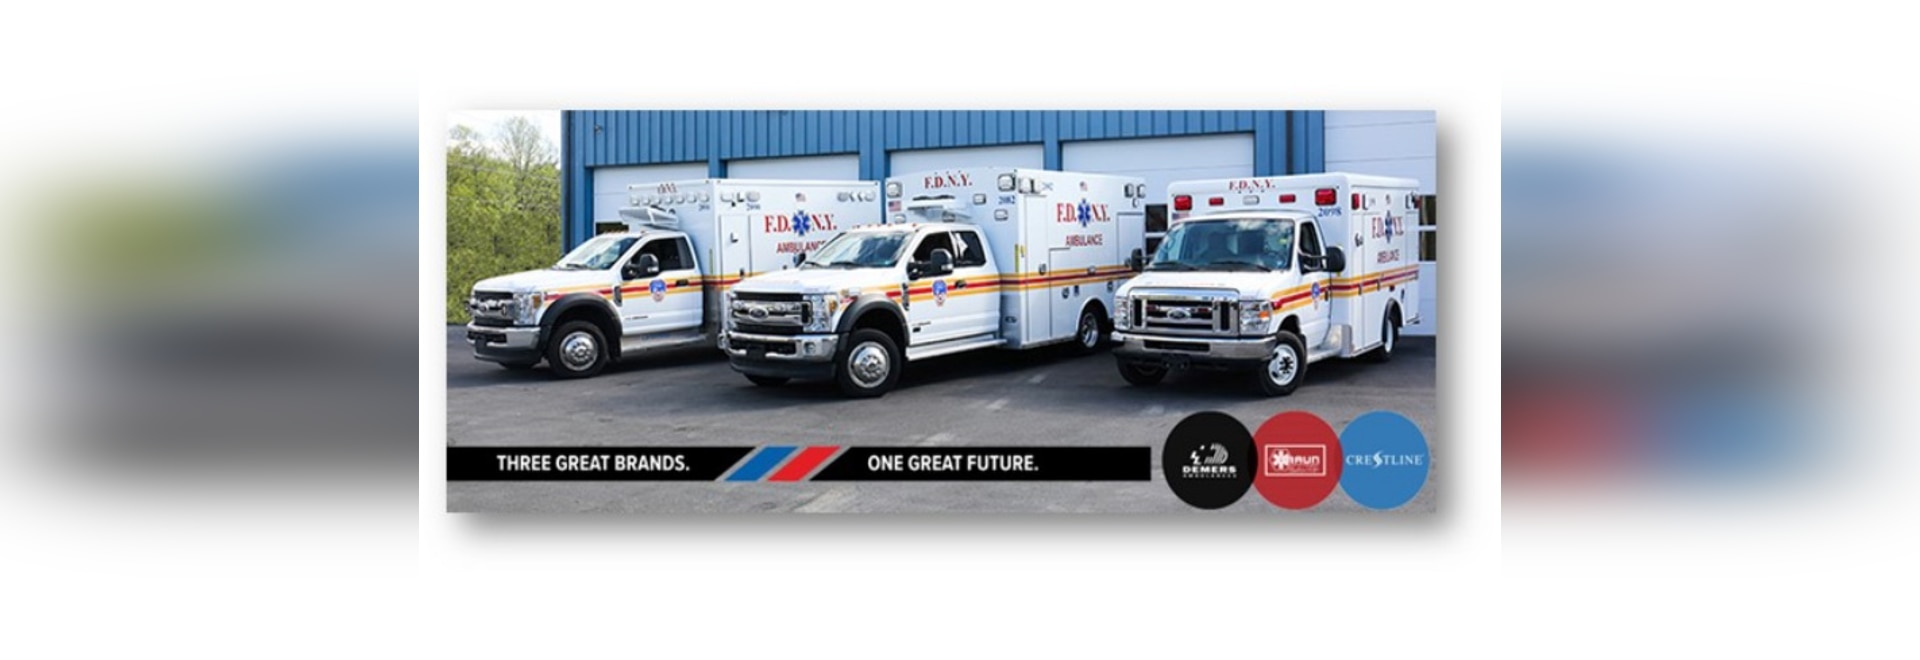 Los fabricantes de ambulancias de DBC entregan nuevas ambulancias al FDNY